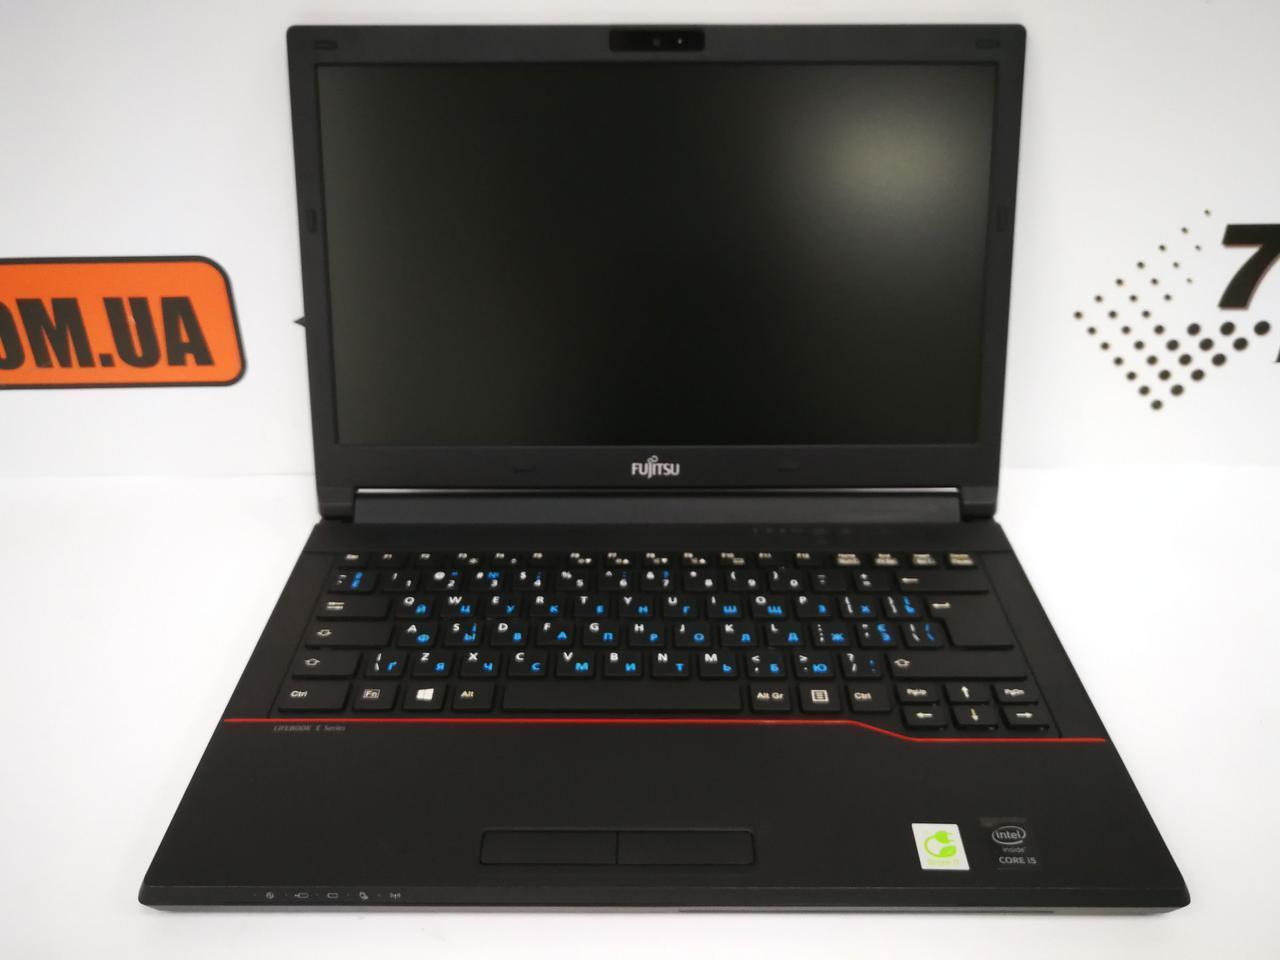 """Ноутбук Fujitsu LifeBook E544-E744, 14"""", Intel Core i5-4200M 3.1GHz, RAM 8ГБ, SSHD 500ГБ"""